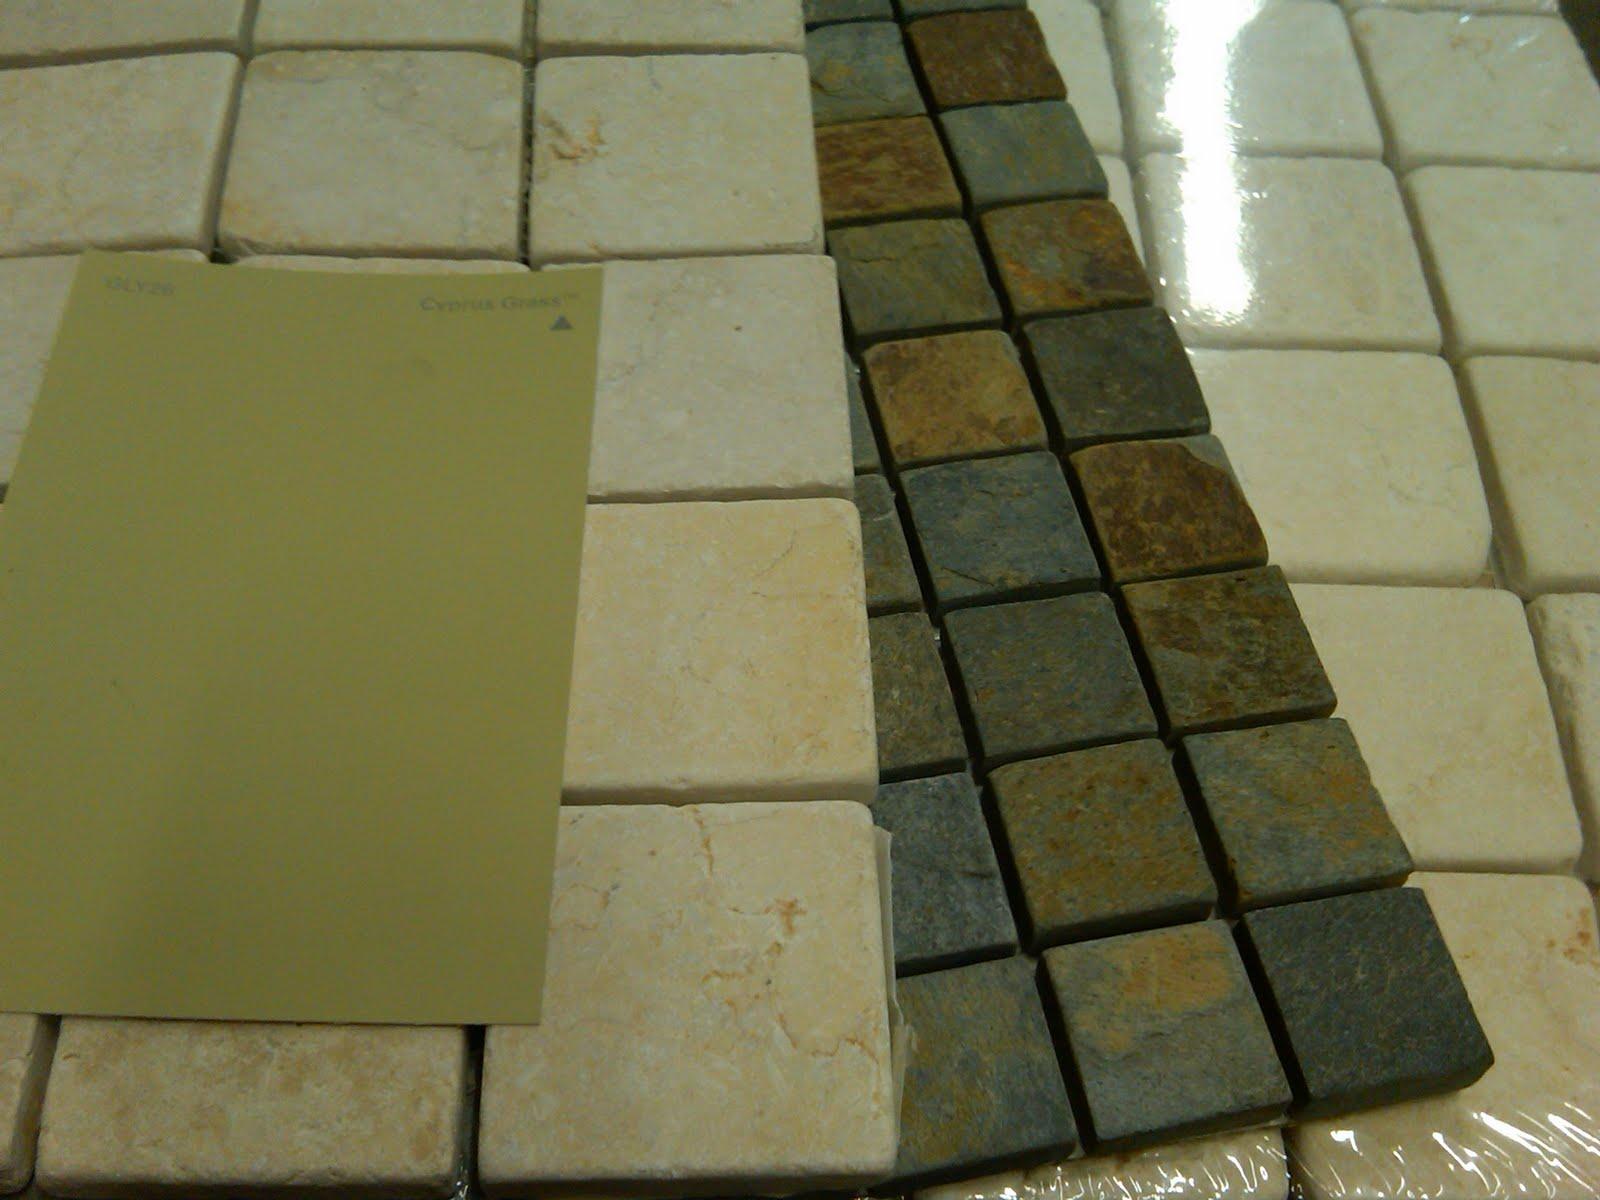 http://4.bp.blogspot.com/_YMgOCsqzg1Y/TEDlZnbTrwI/AAAAAAAAAHI/9mJMgY9Yp80/s1600/kitchen%2Bmaterials.jpg